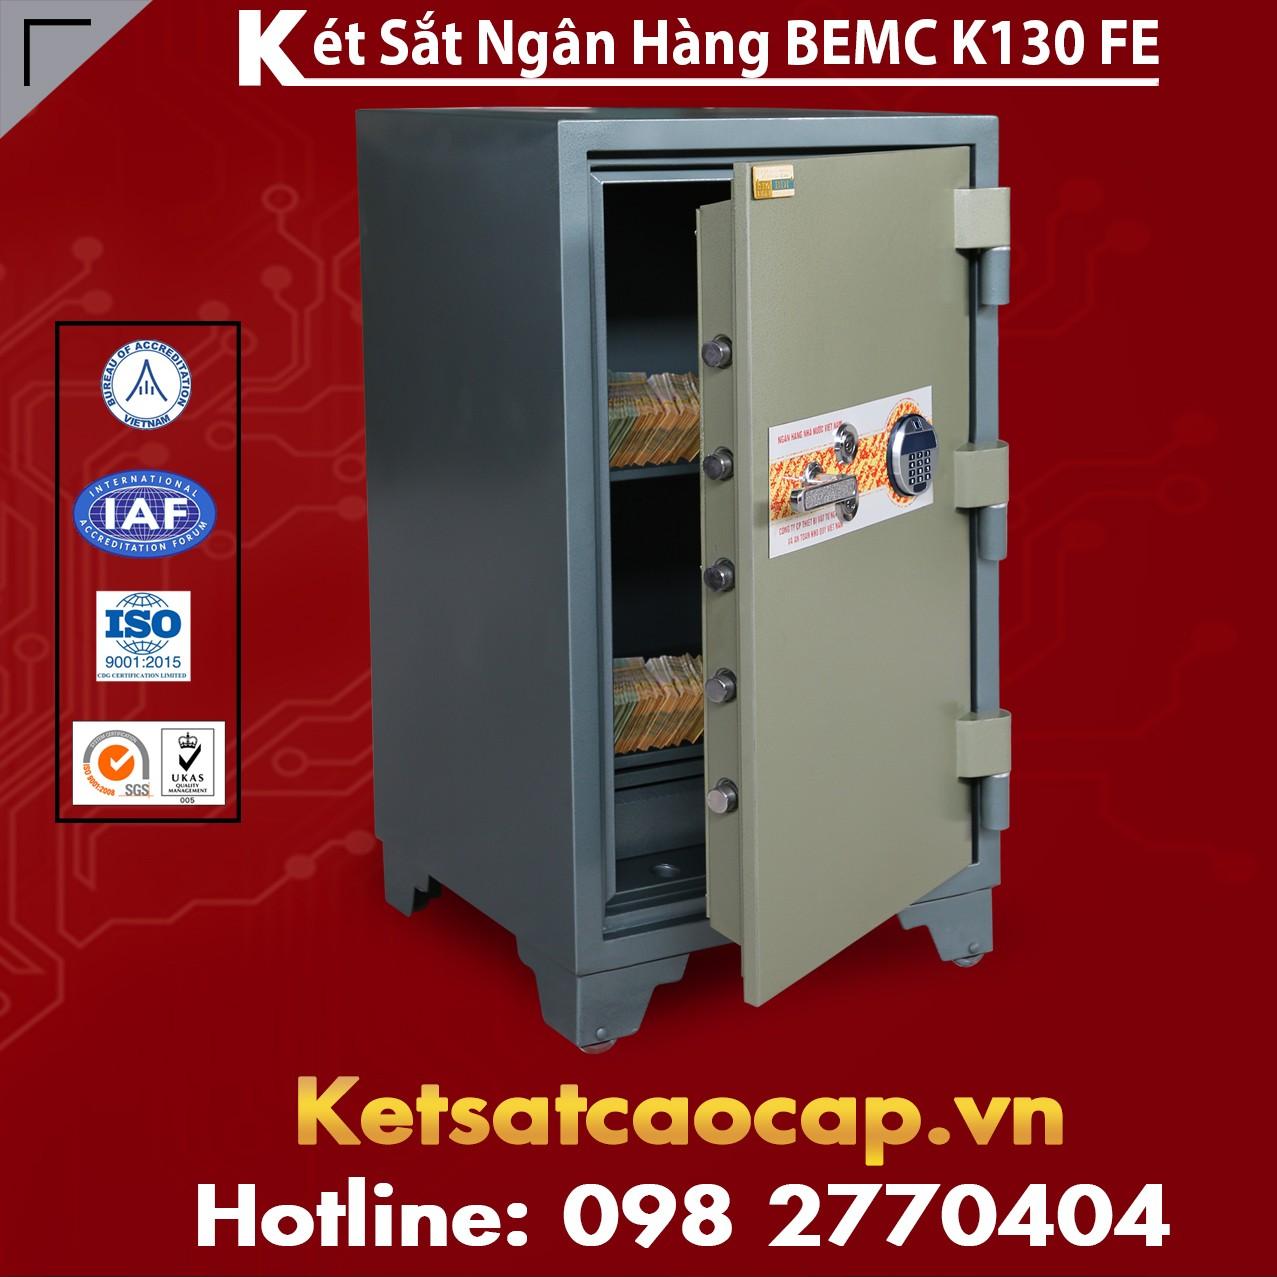 Két Sắt Vân Tay Điện Tử Hàn Quốc BEMC K130 FE Lựa chọn nào tốt nhất